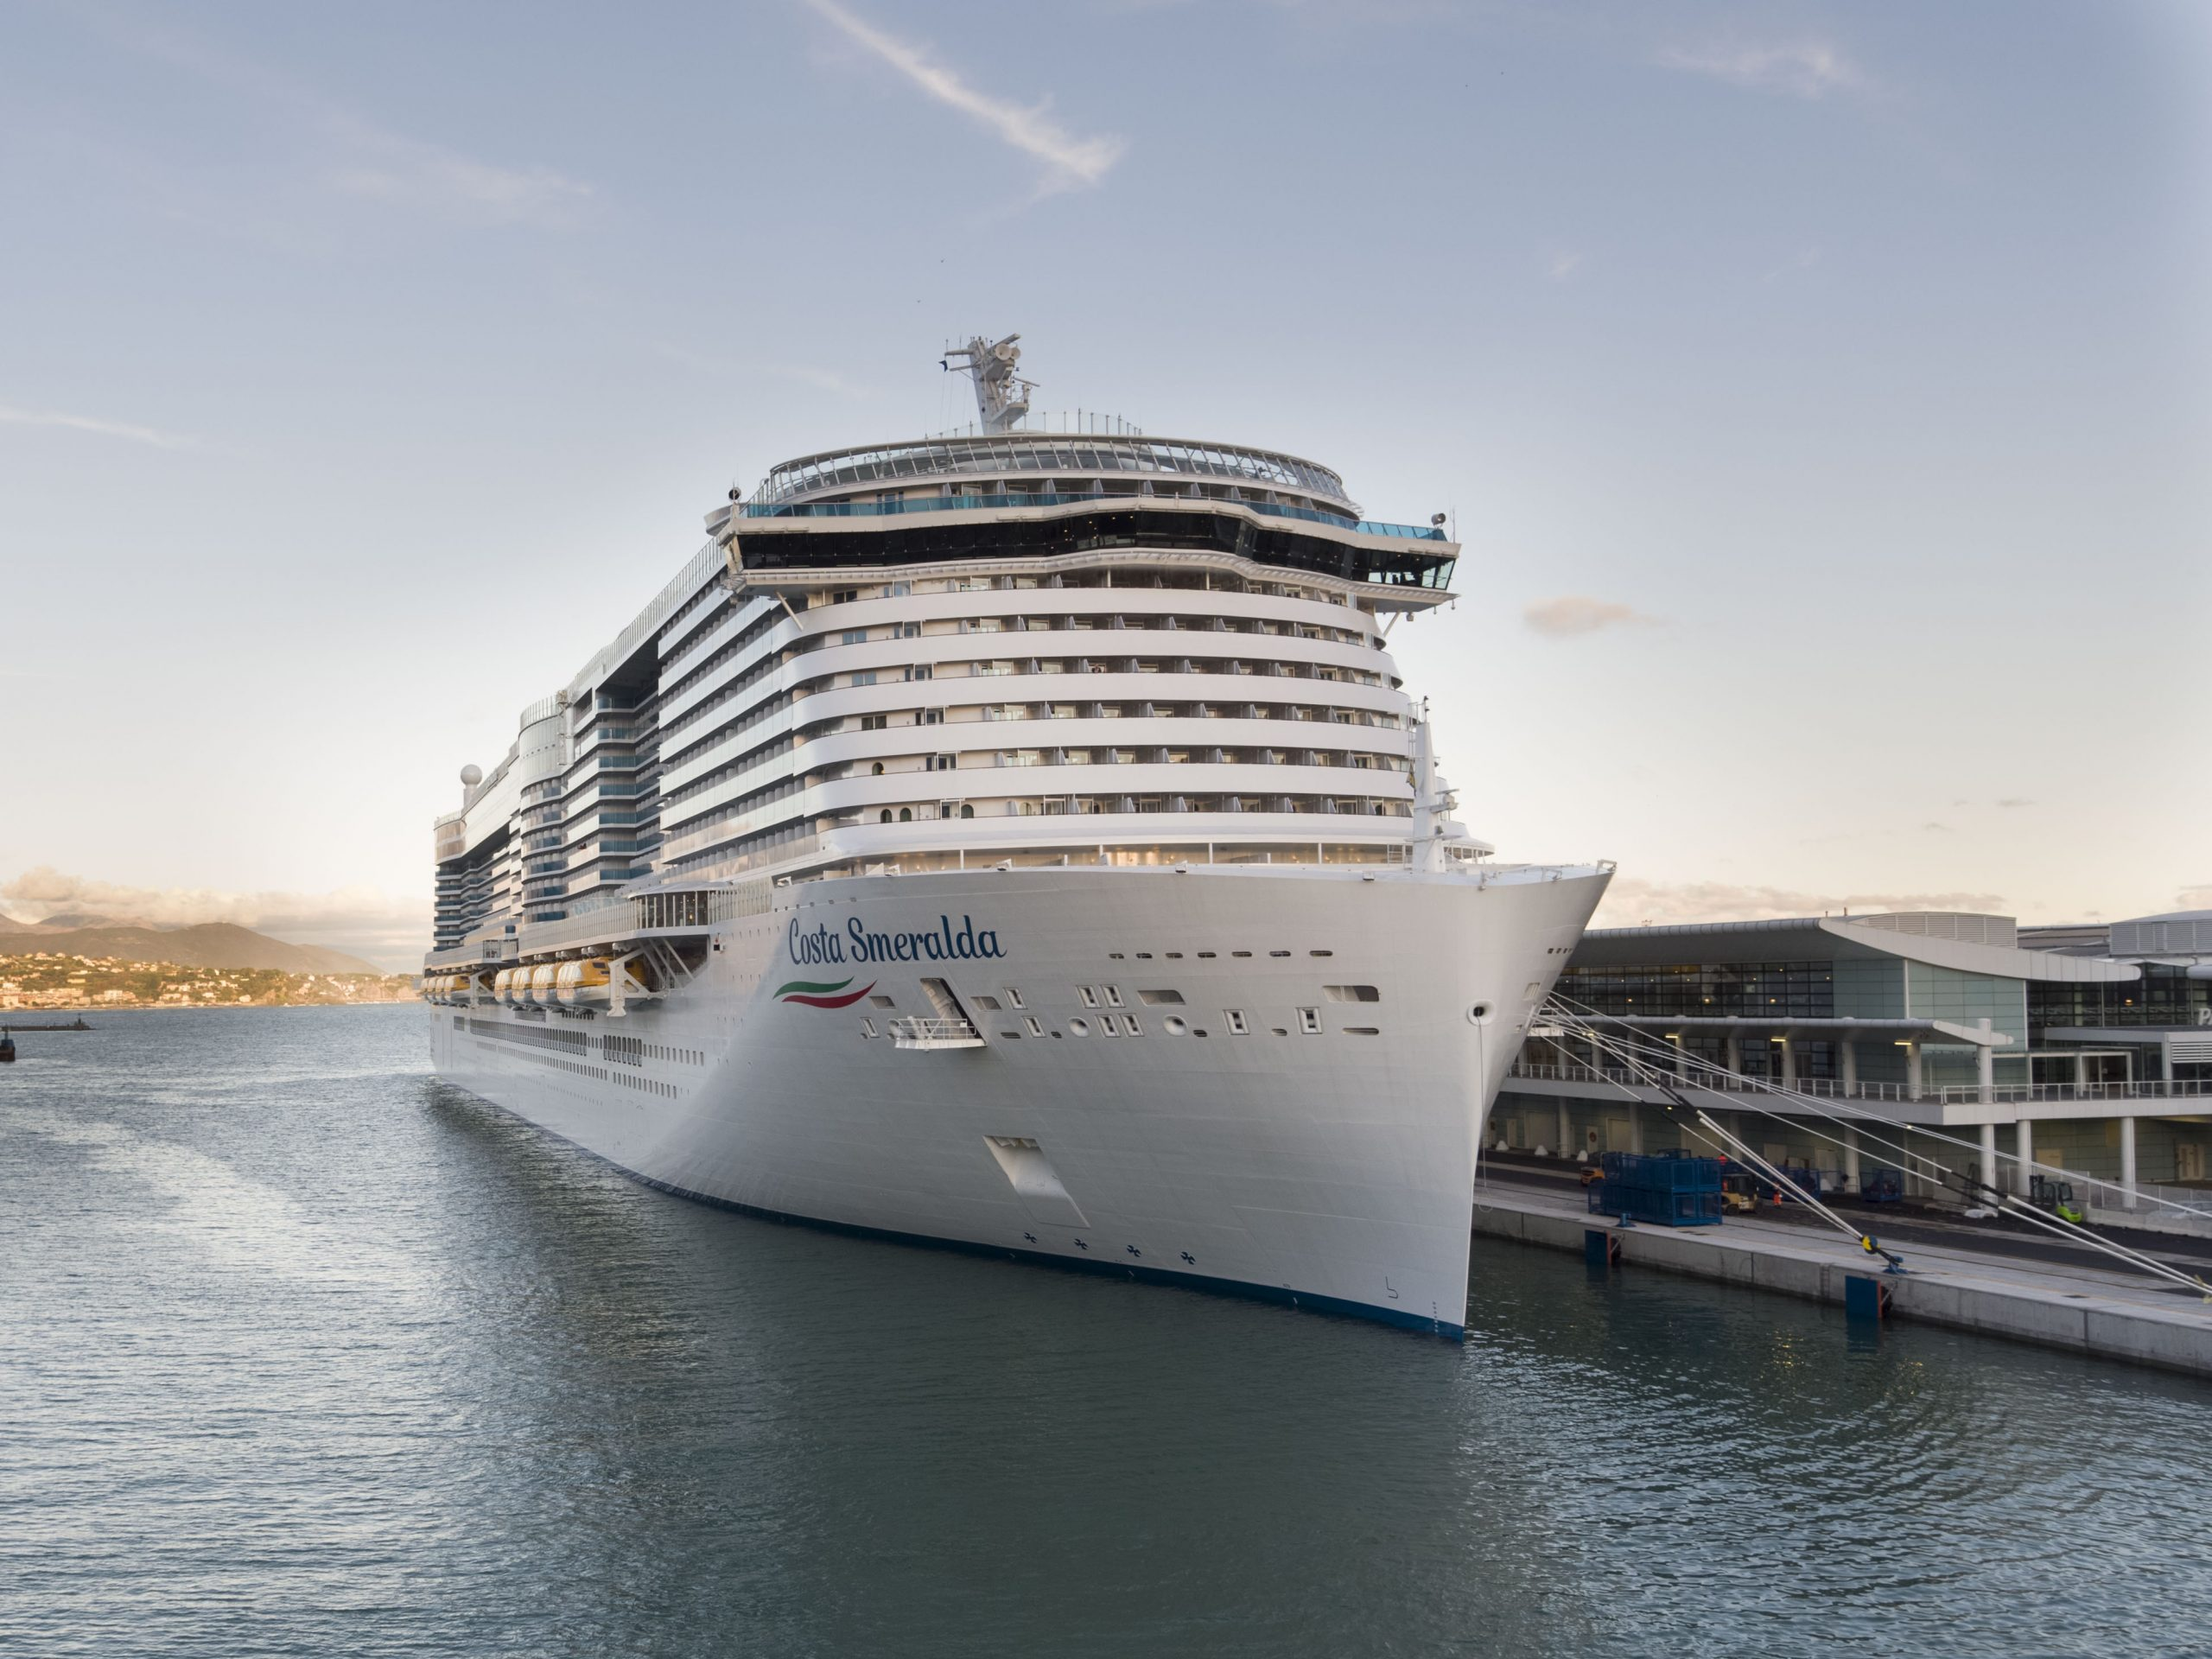 Costa verlängert die Corona-Pause nochmals: Der Neustart mit der Abfahrt des Flaggschiffs Costa Smeralda ist jetzt für den 27. März geplant.